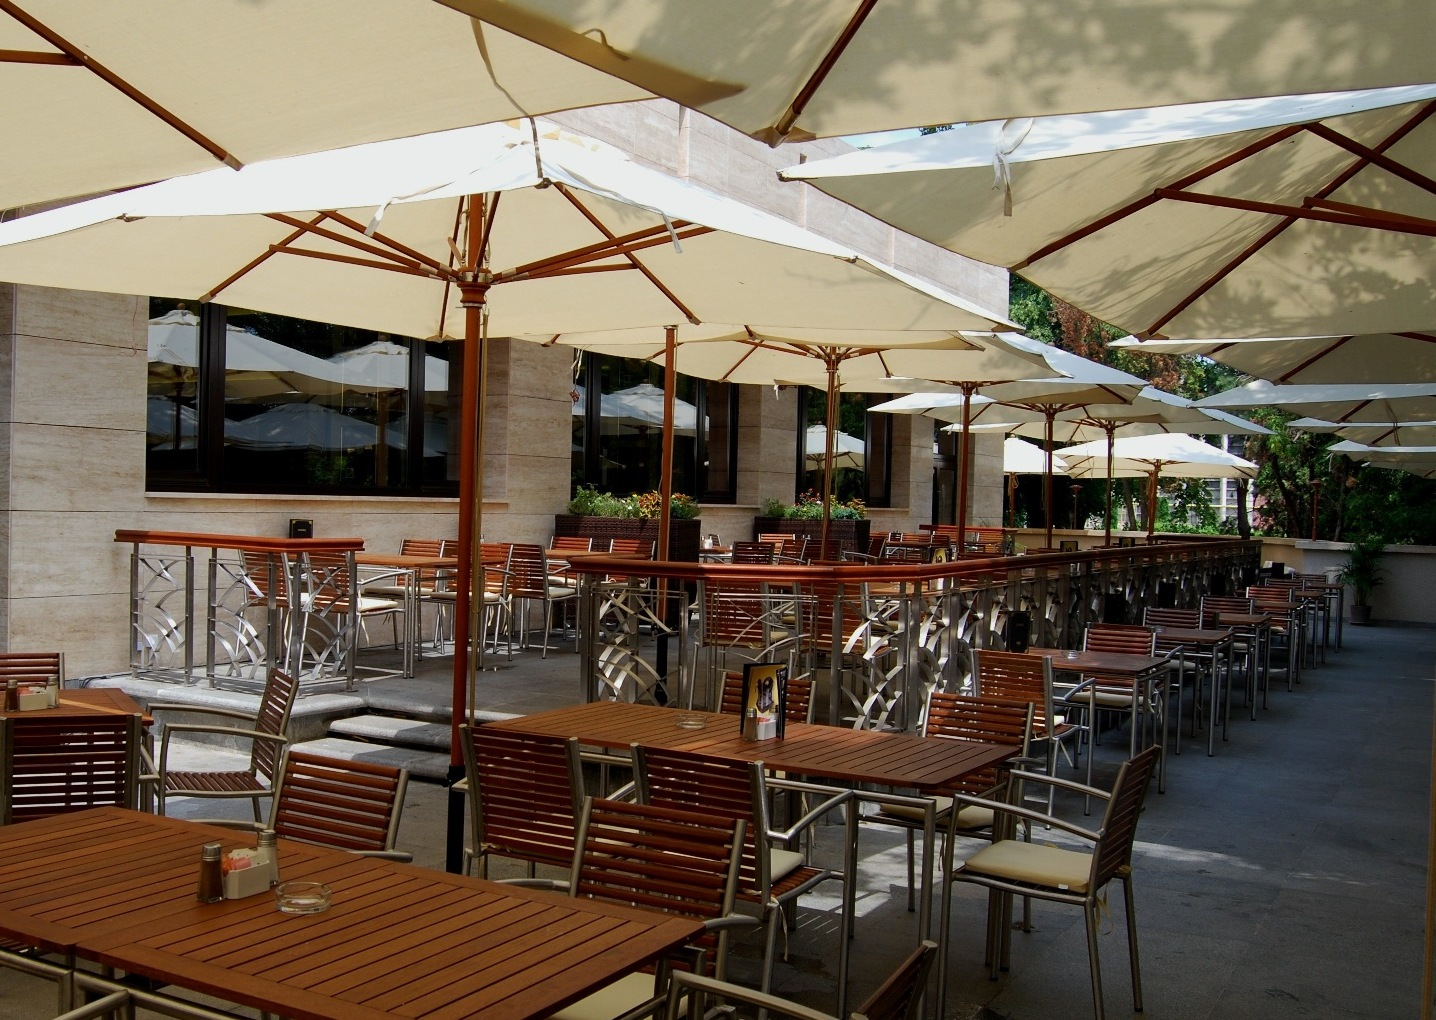 Terasa Hard Rock Cafe din Bucuresti cu mese din lemn si umbrele